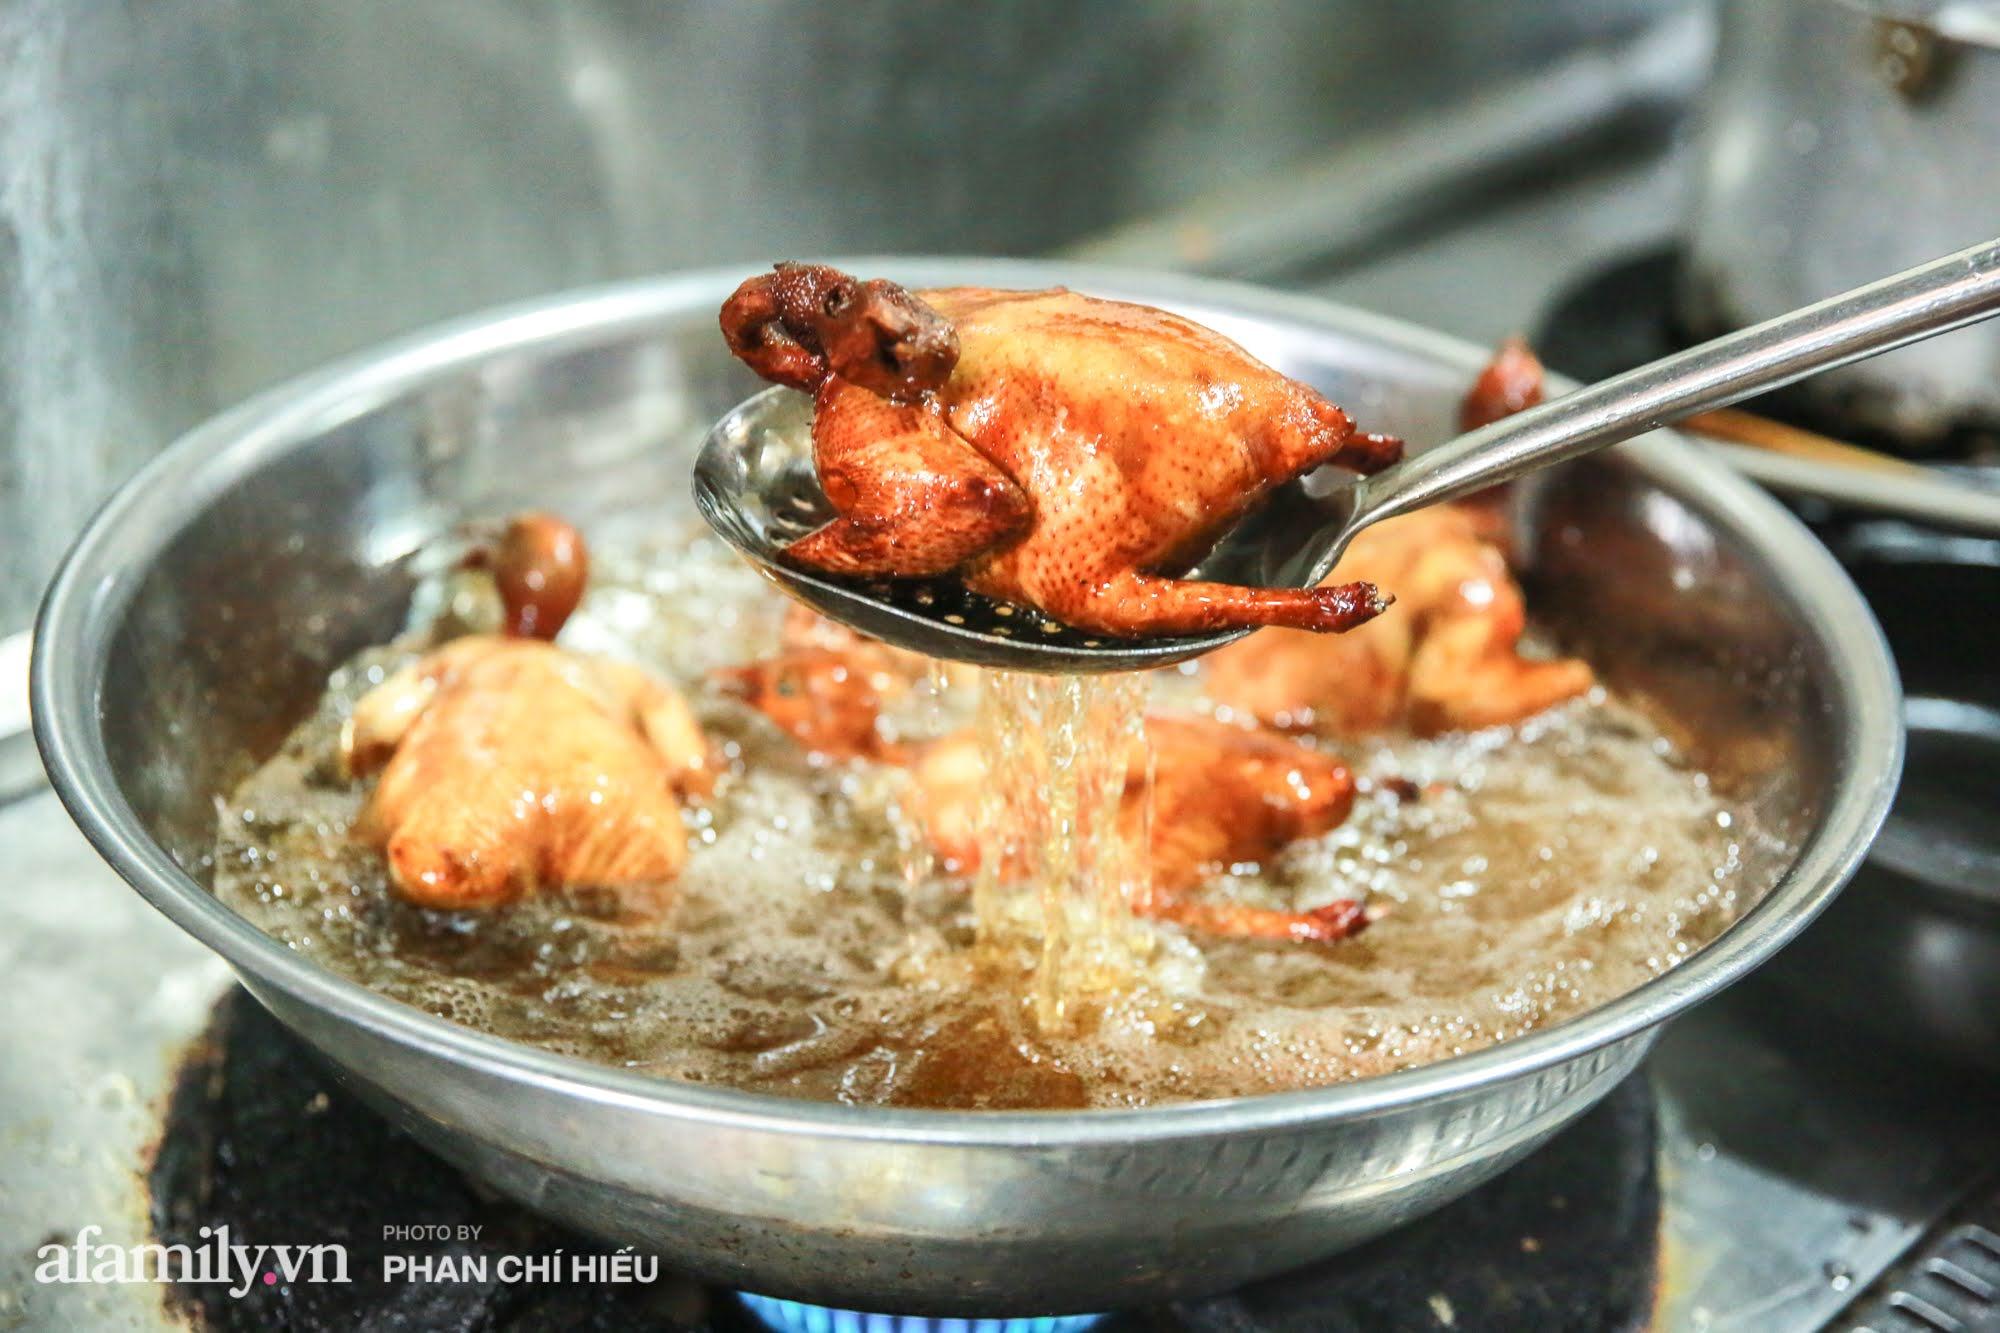 Món chim quay mỗi mùa Tết đều xuất đi hàng nghìn con của nghệ nhân ẩm thực nức tiếng phố cổ Hà Nội, bí quyết gói gọn trong cách chọn chim và làm sạch chứ không phải khâu tẩm ướp gia vị - Ảnh 12.